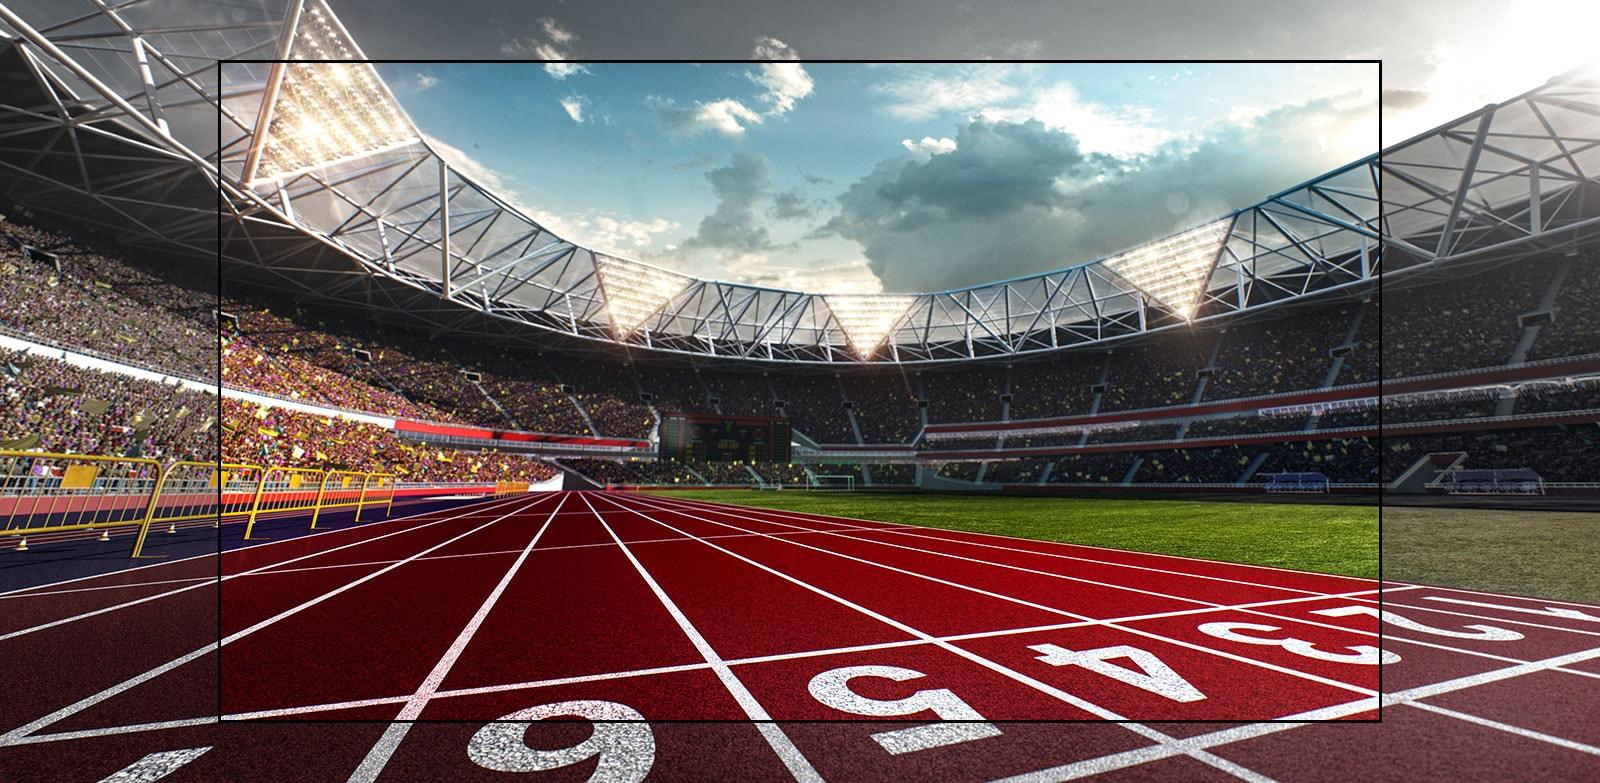 Телевизионен екран, показващ стадион с изглед в близък план на пистата за бягане. Стадионът е пълен със зрители.